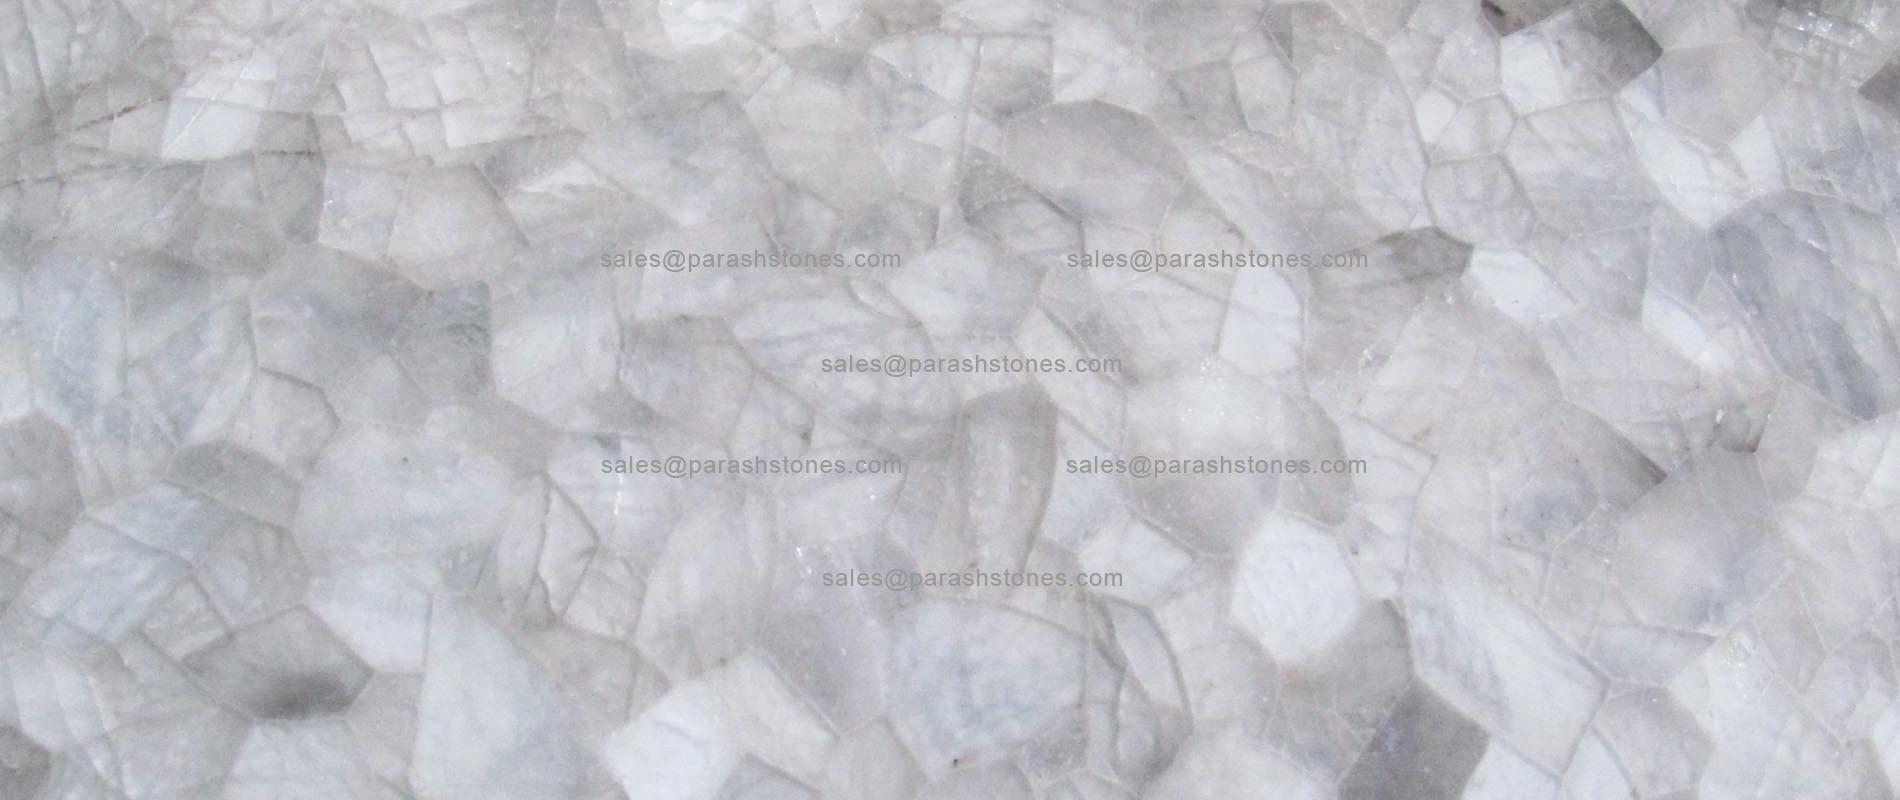 Crystal Quartz Surface Slab Amp Tiles Manufacturer Crystal